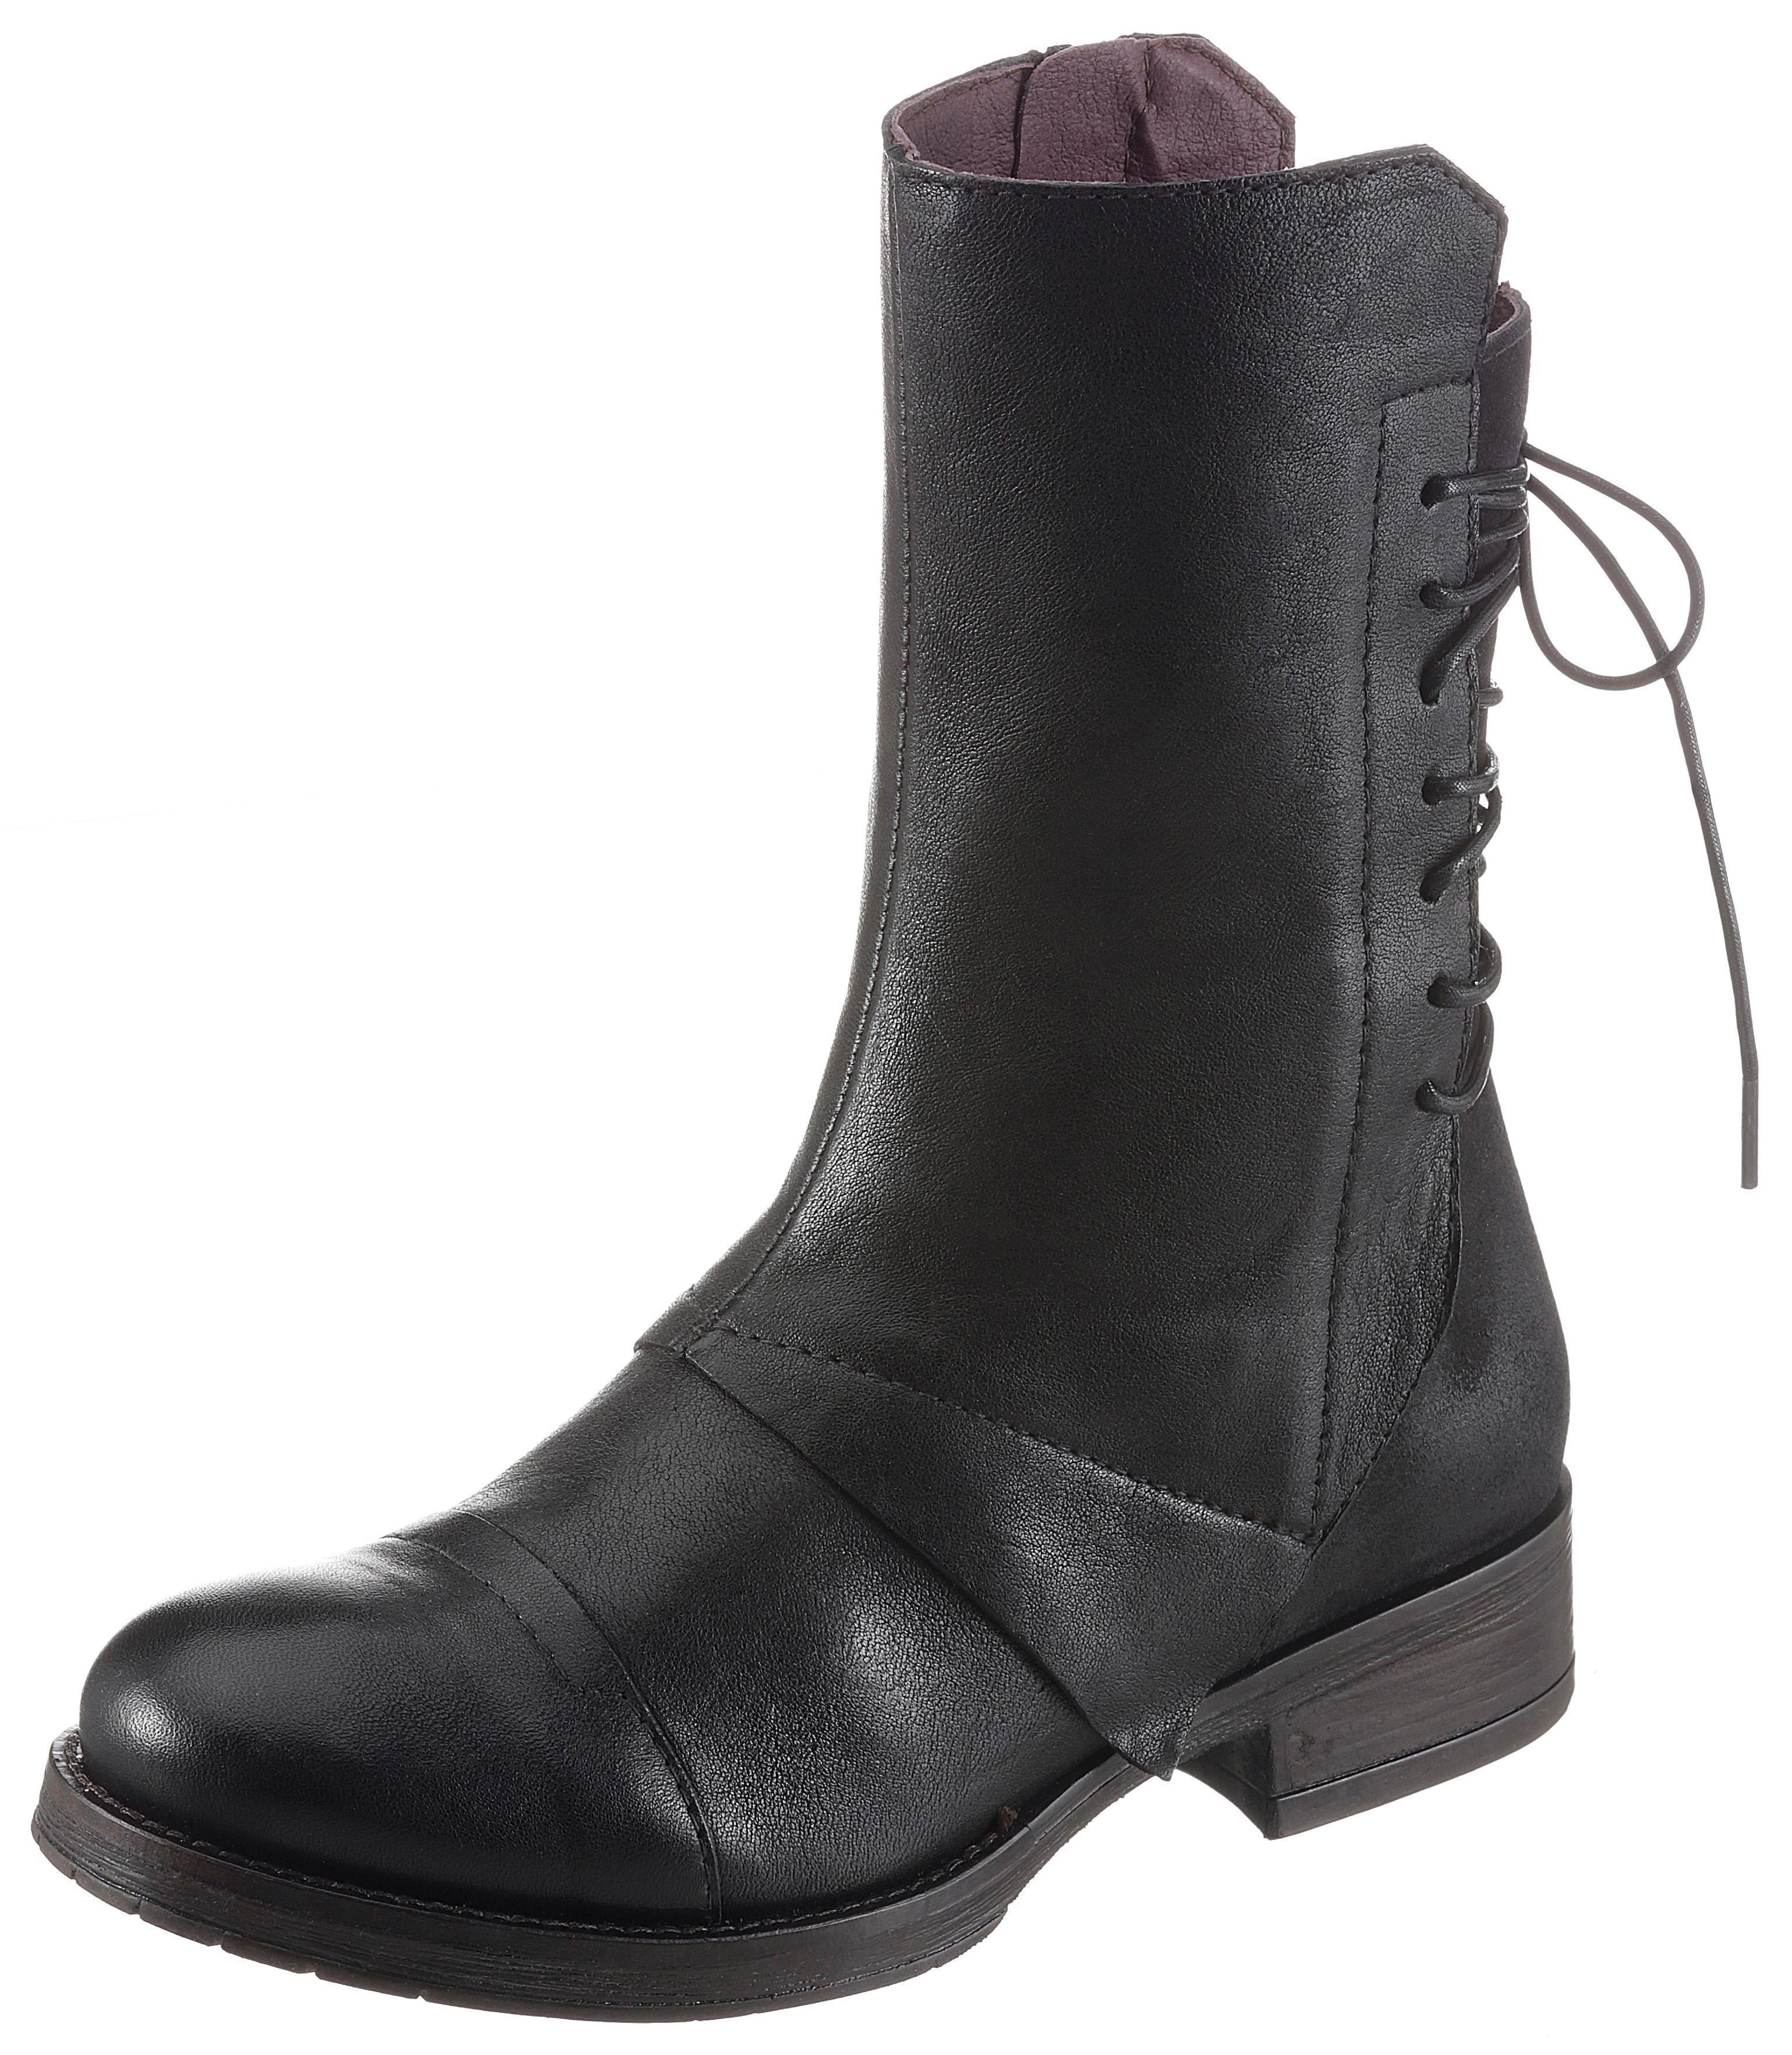 Brako laarzen goedkoop op otto.nl kopen